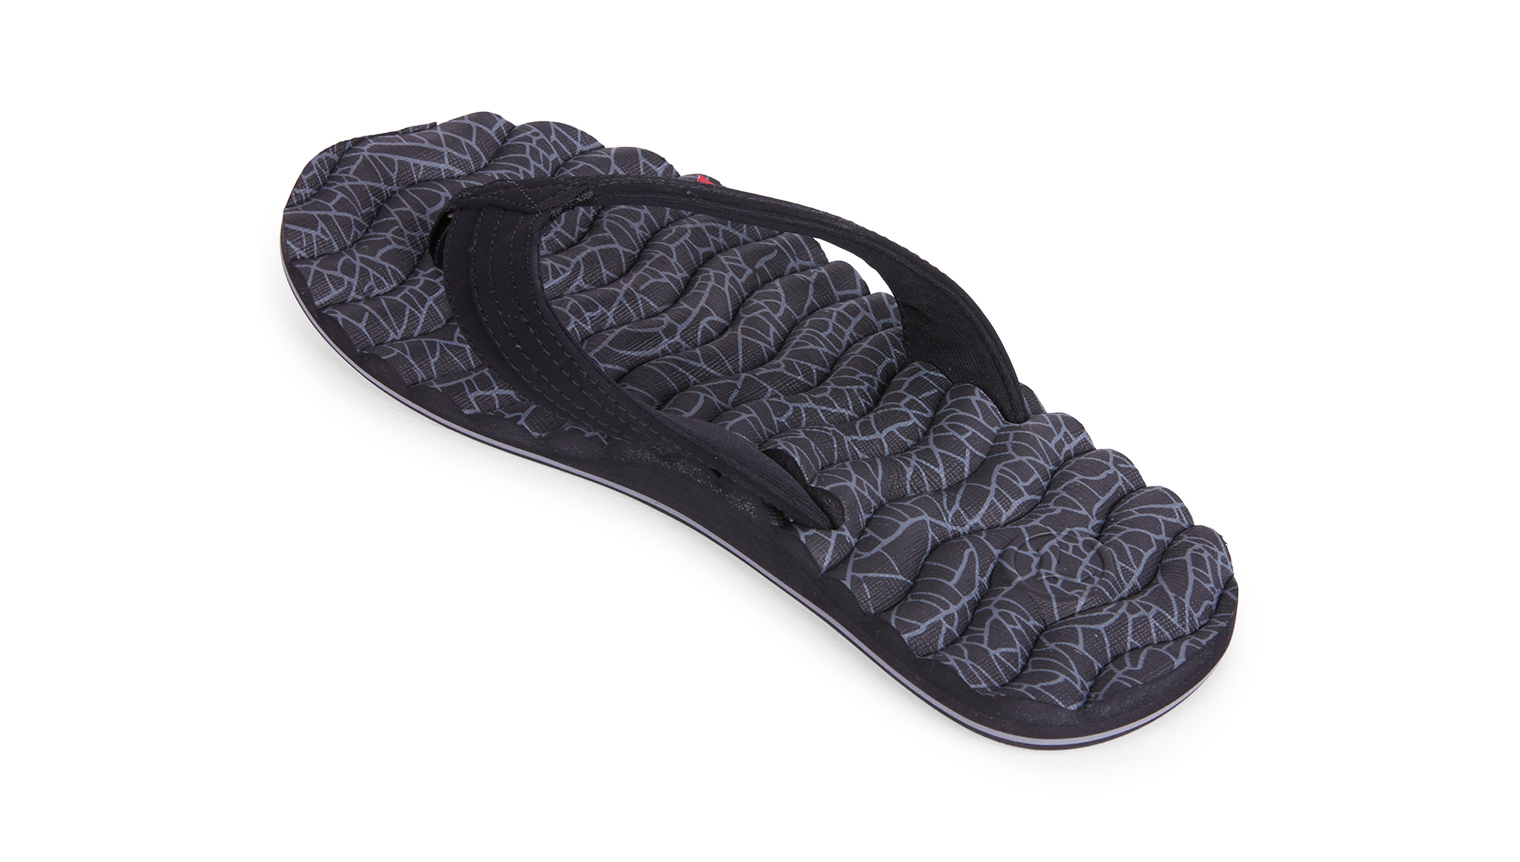 Hummer III Sandals black crackleKustom uaWk2p1P